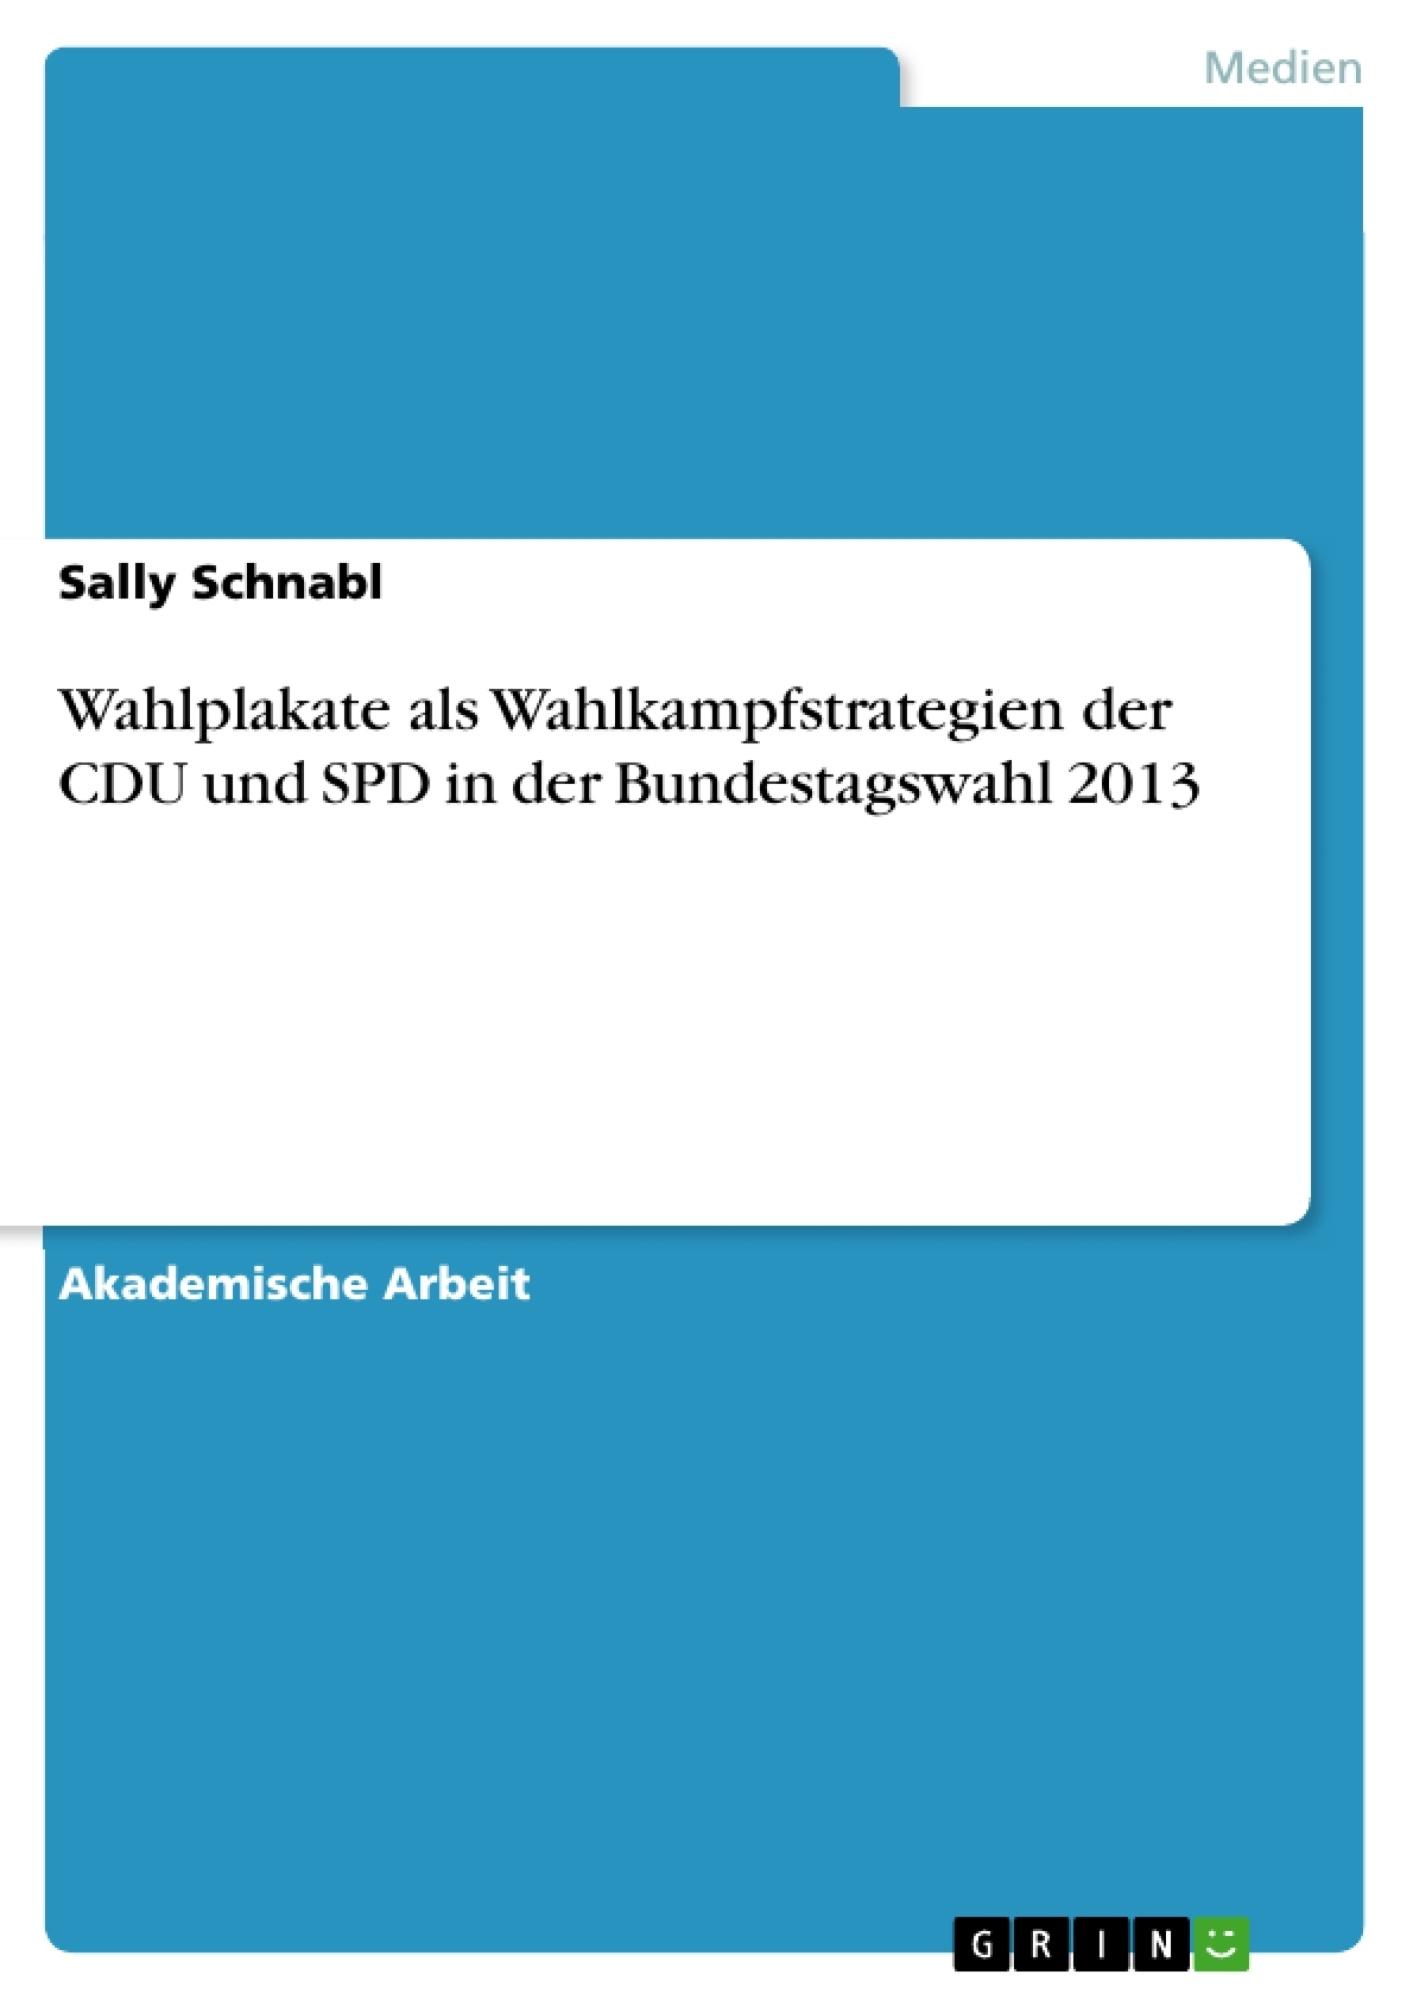 Titel: Wahlplakate als Wahlkampfstrategien der CDU und SPD in der Bundestagswahl 2013